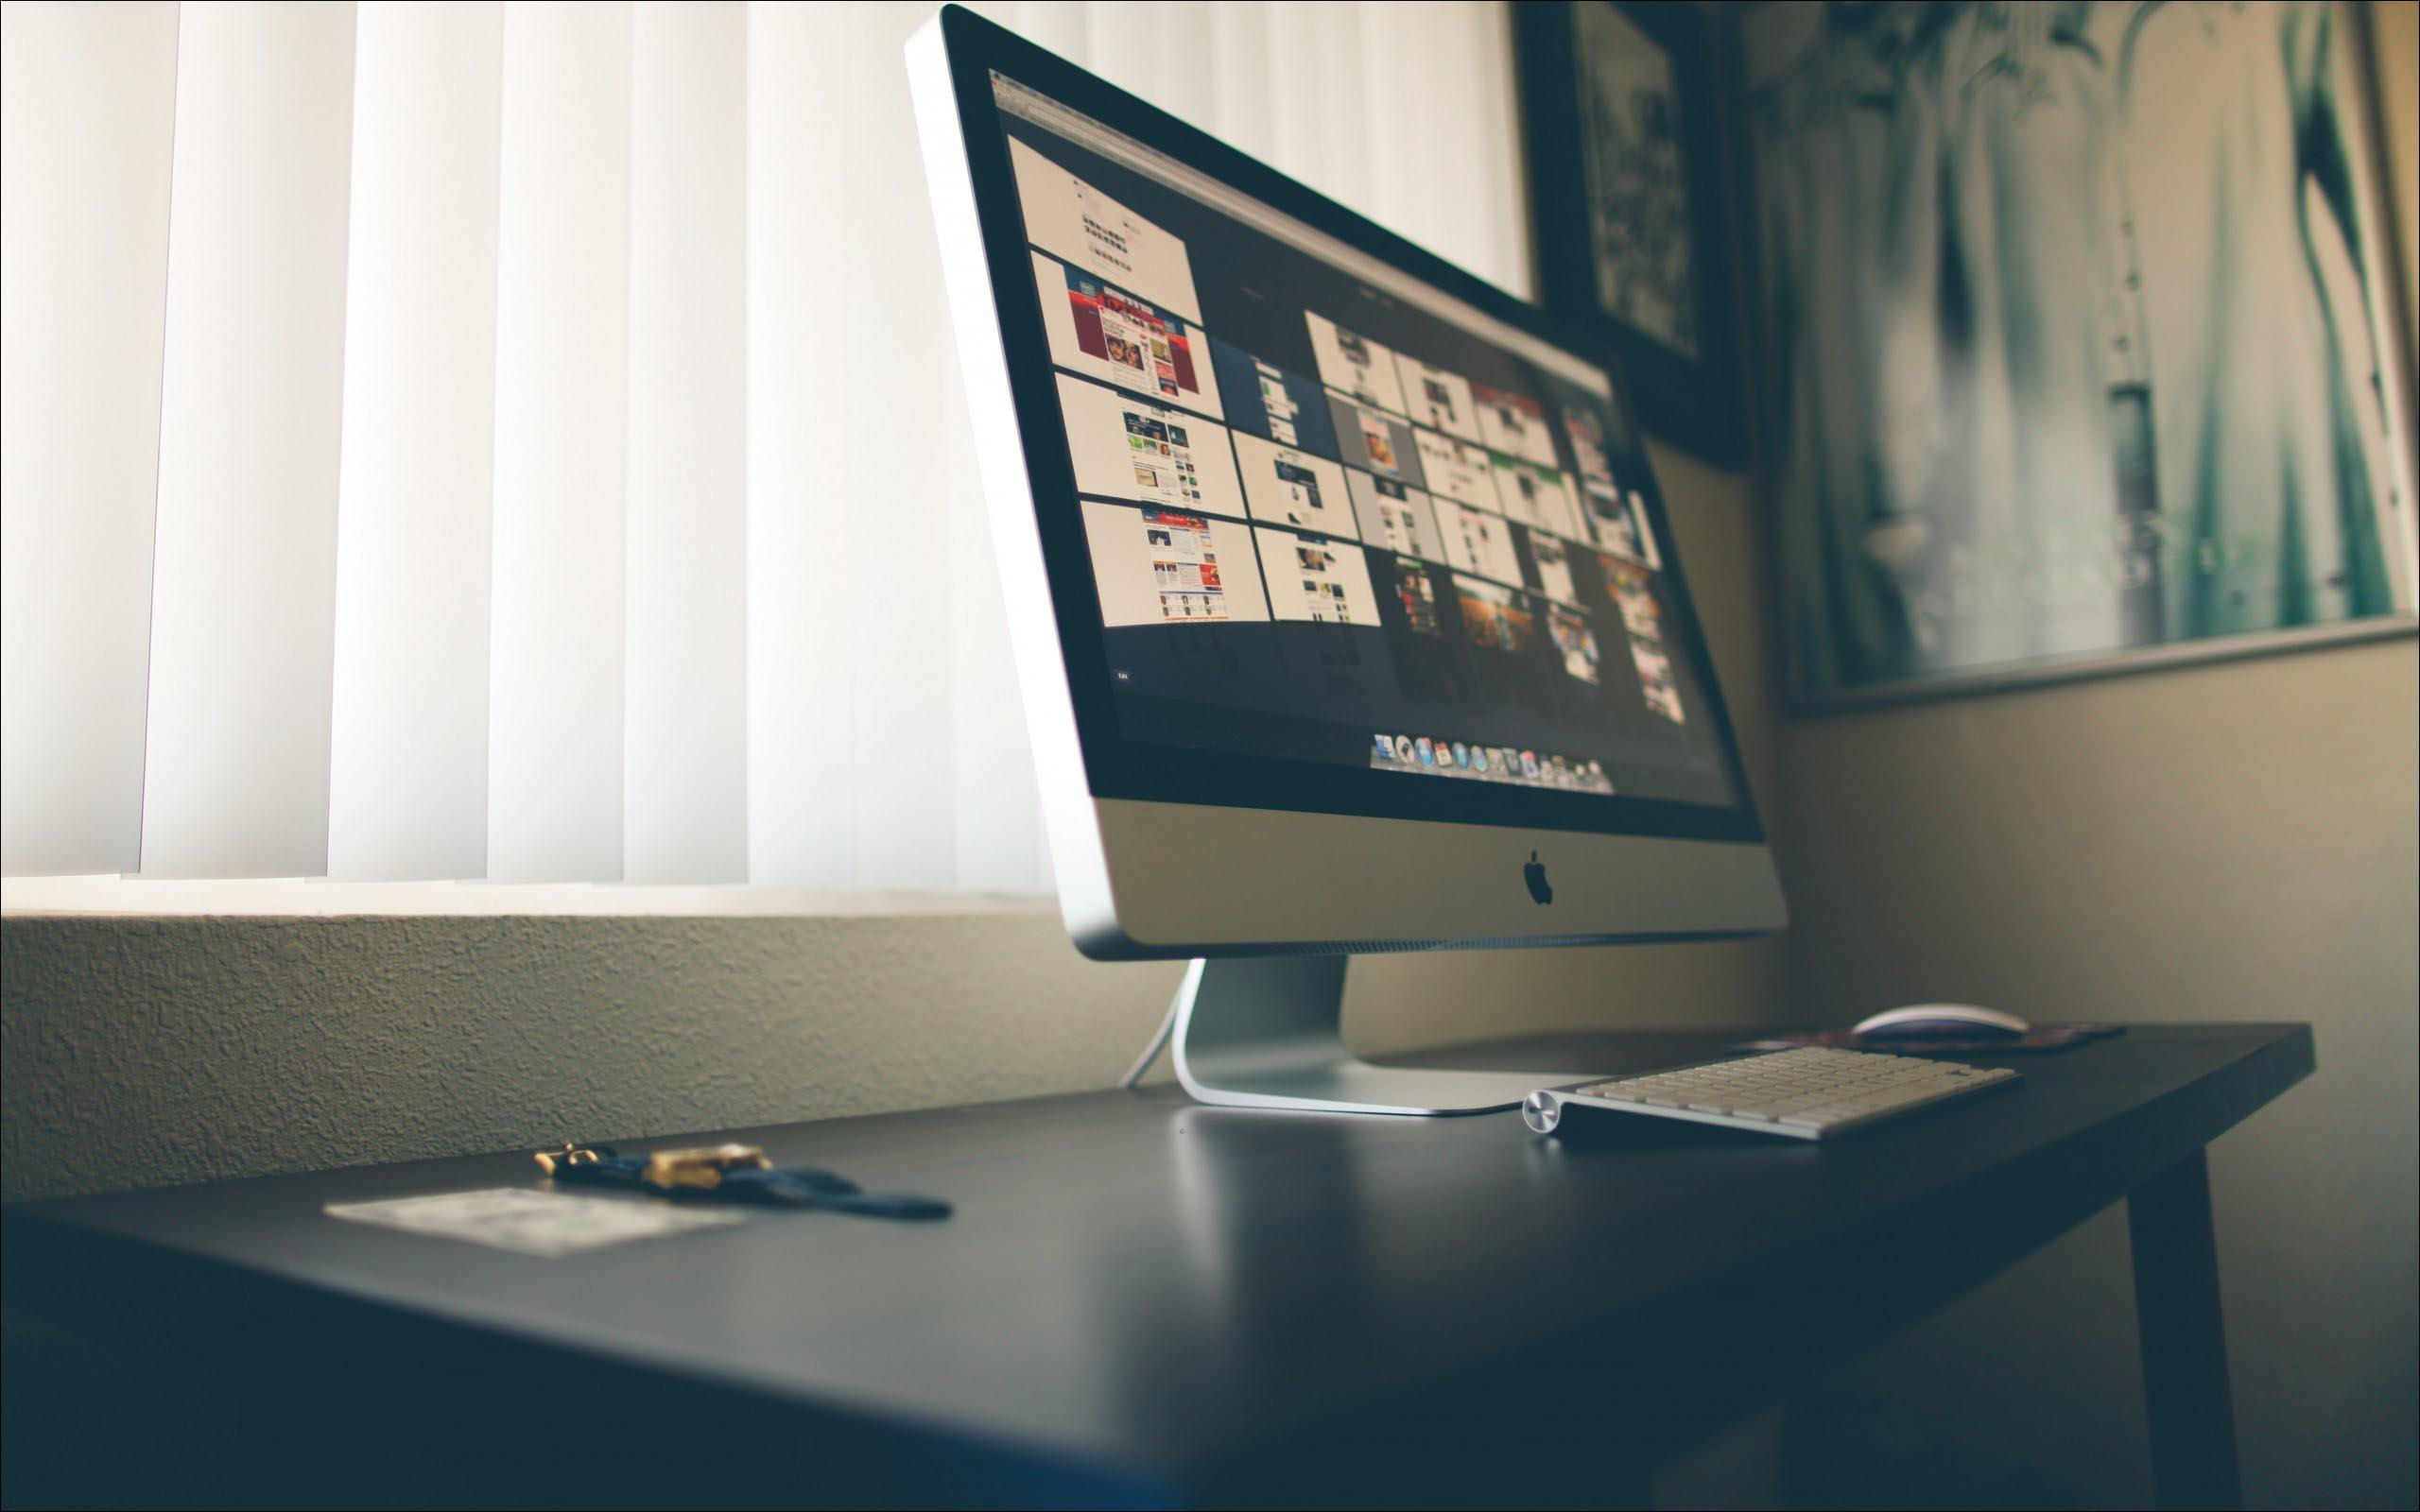 افضل شركة اشهار مواقع و استمثال محركات البحث في السعودية مصر الكويت سيو جوجل تعزيز مواقع انترنت